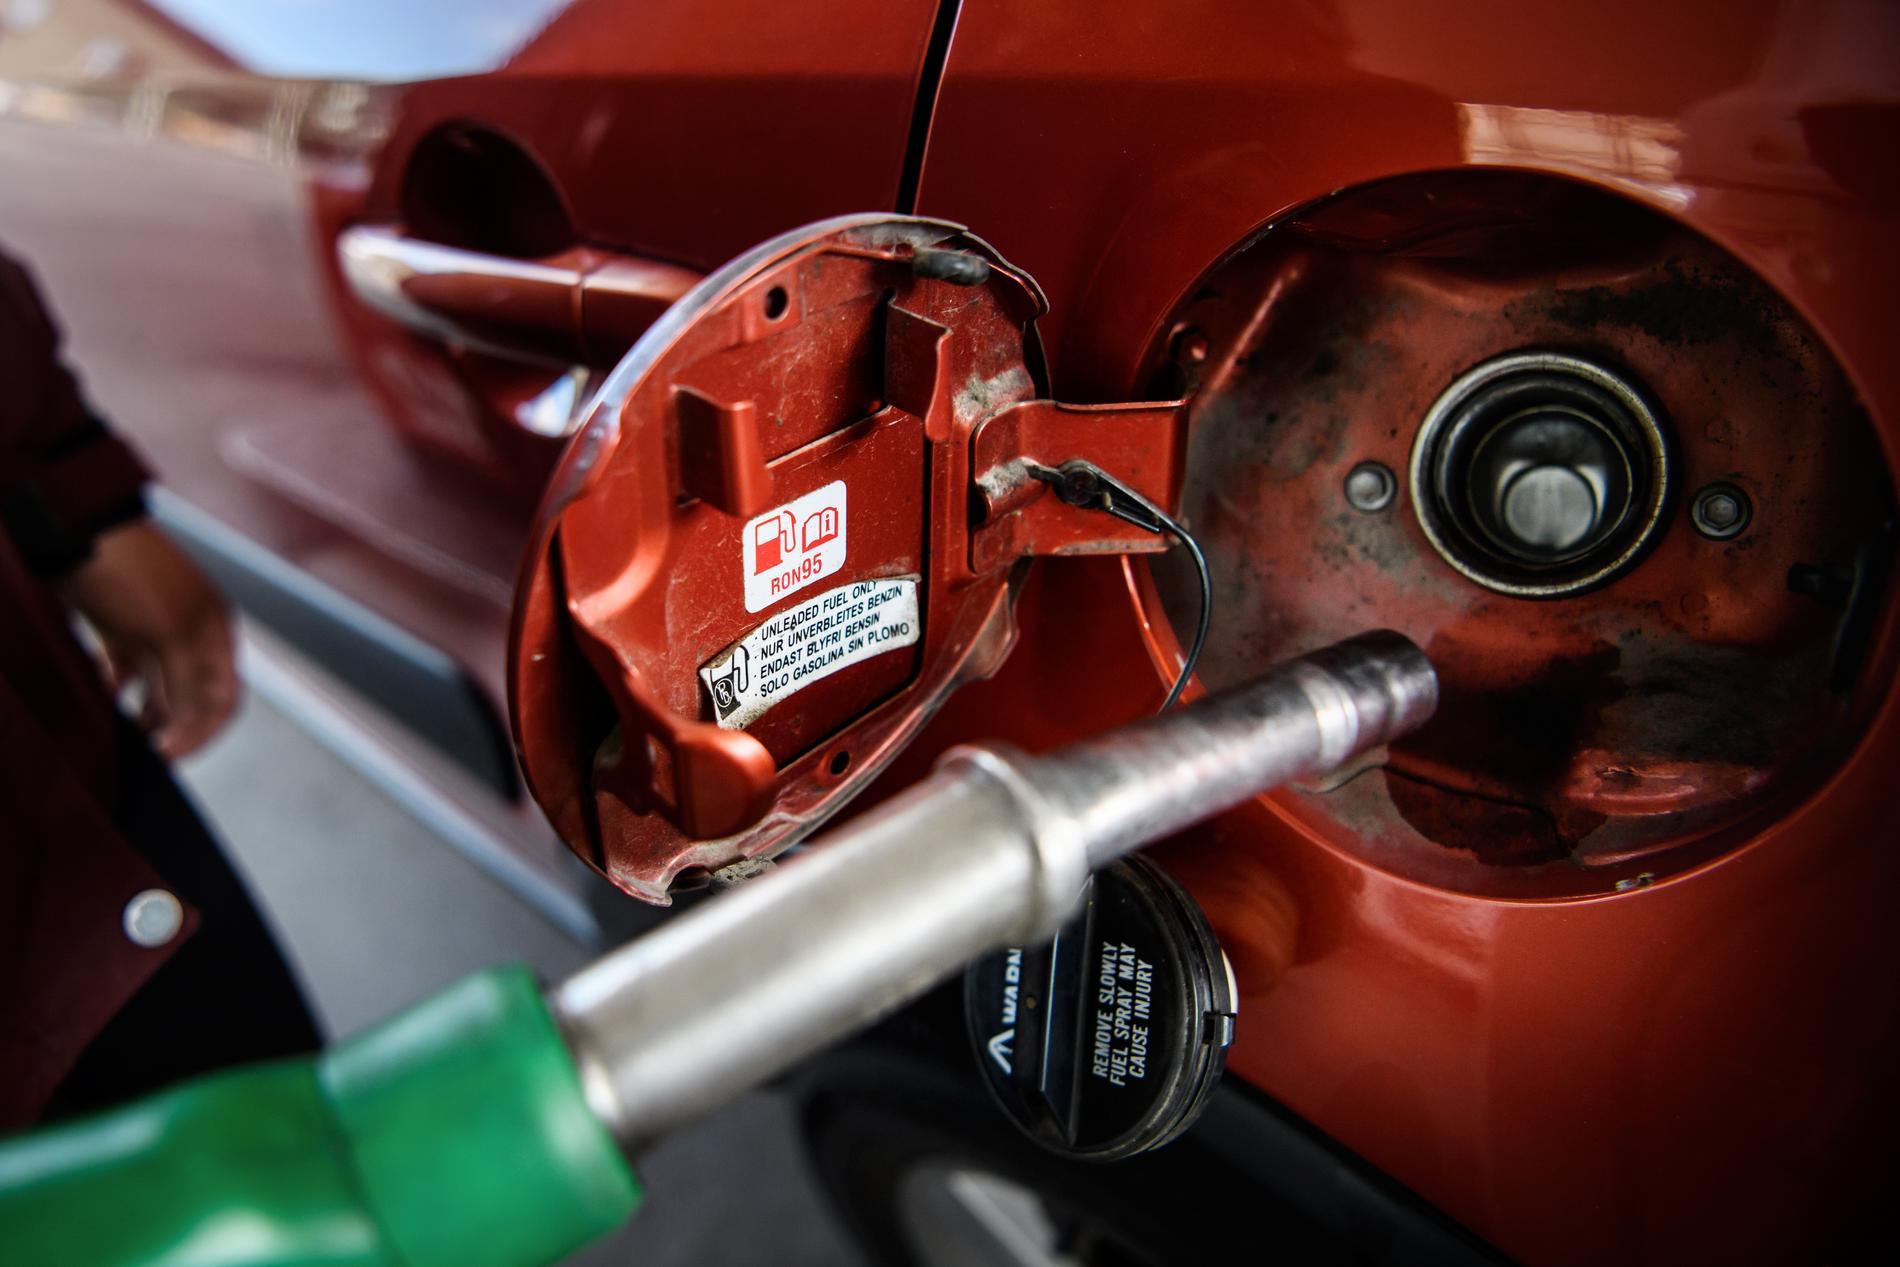 Trots att bränslepriserna rusar har reseavdraget stått still sedan 2009, rapporterar TT.